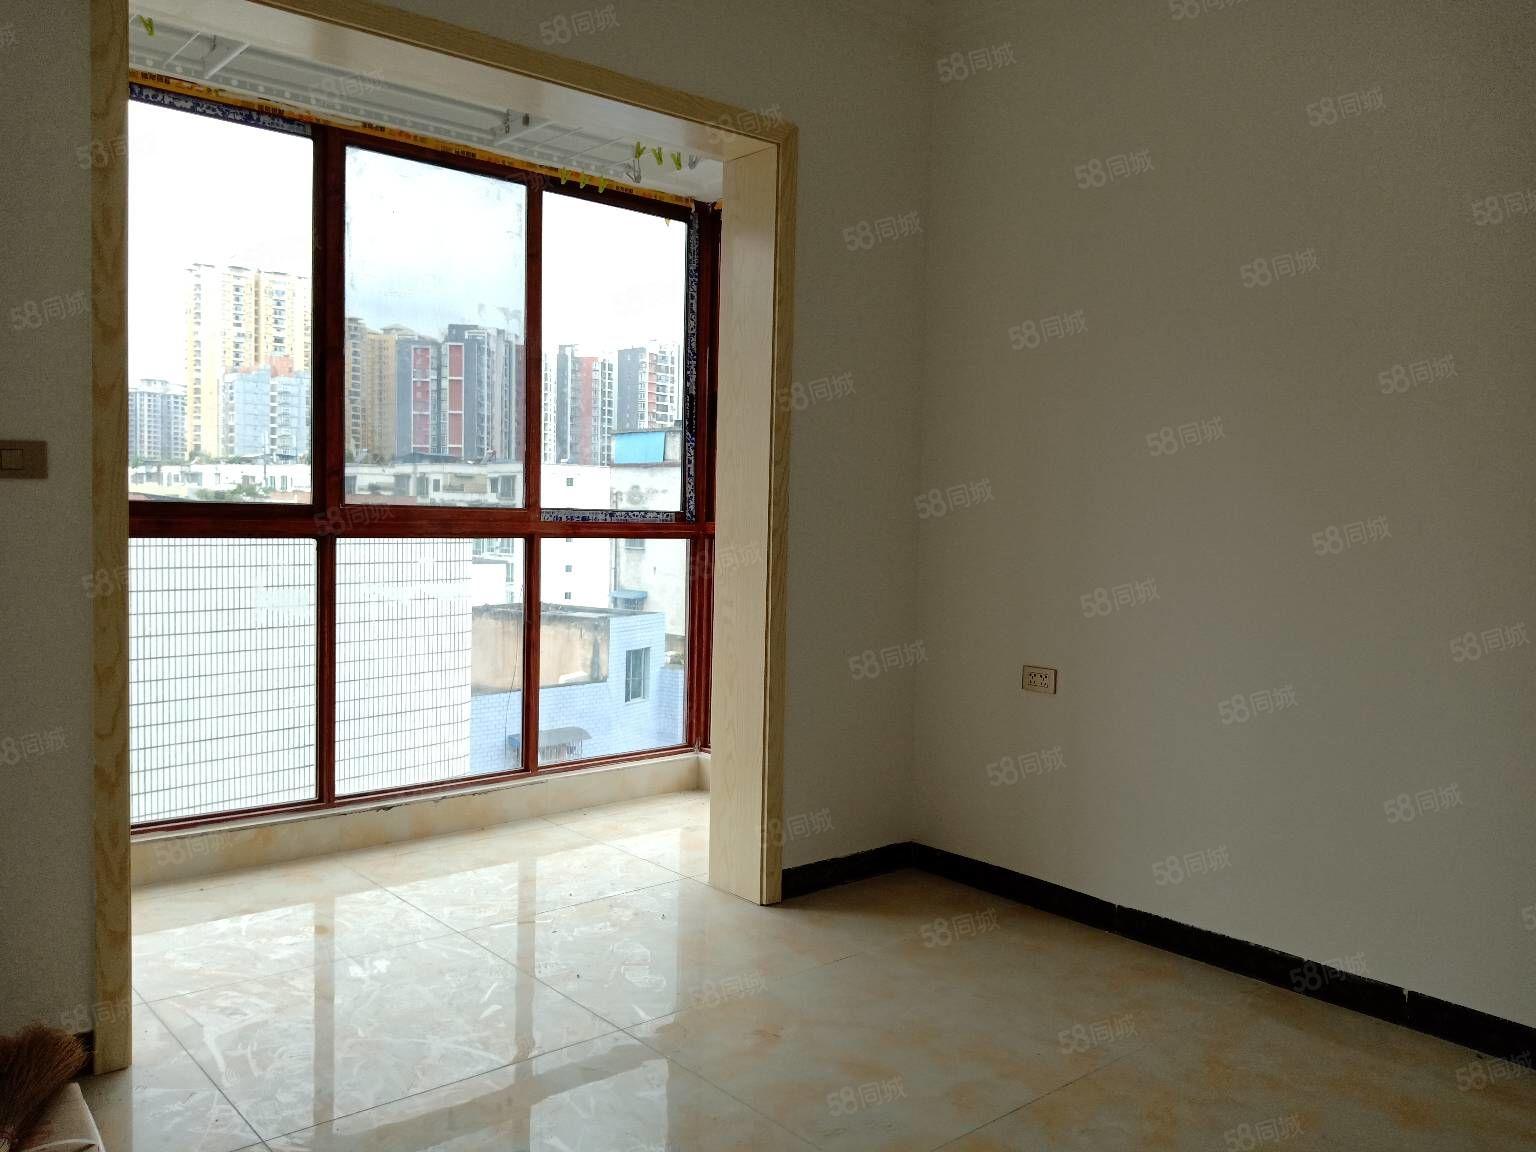 103景怡苑小区电梯中层全新精装房出售